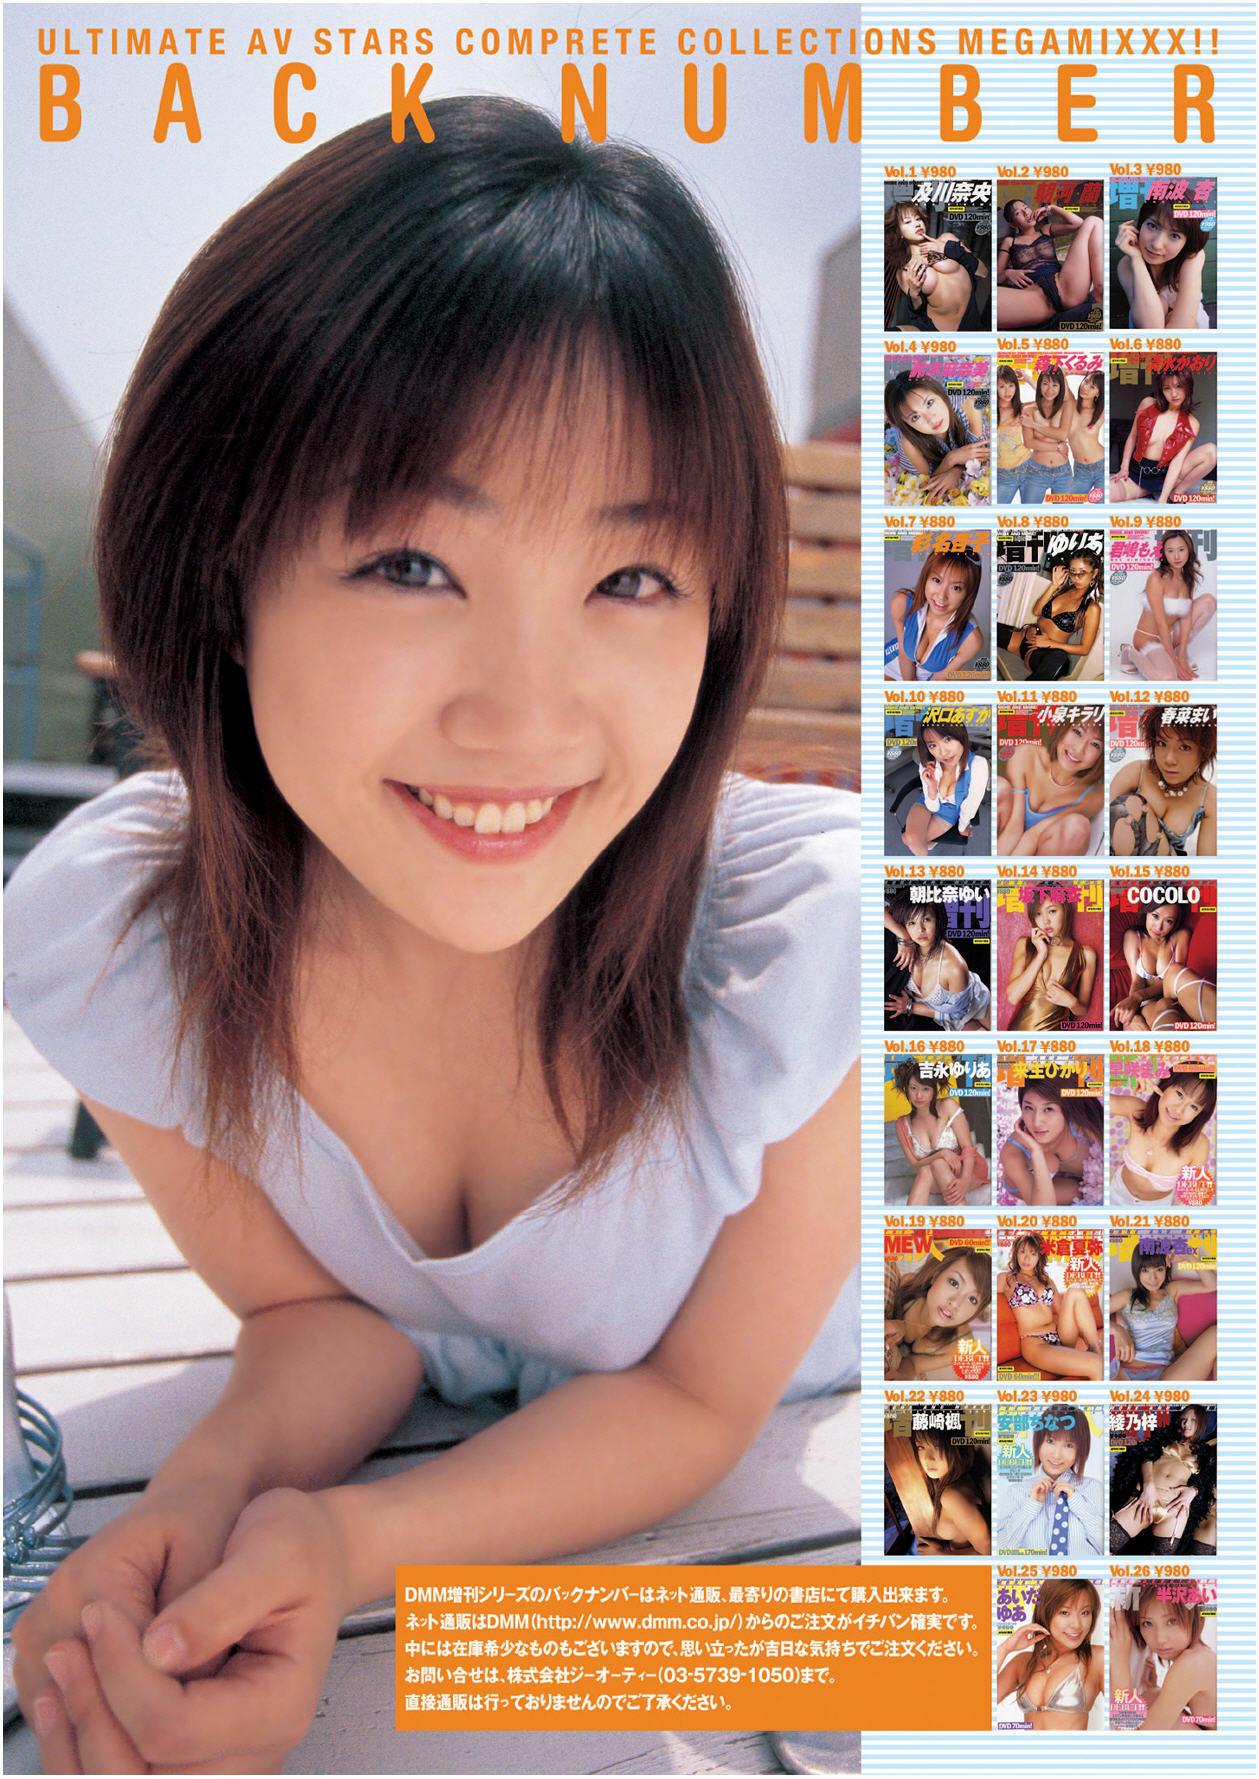 image http://scanlover.com/assets/images/5840-vzOtHOrFJAVegnup.jpeg